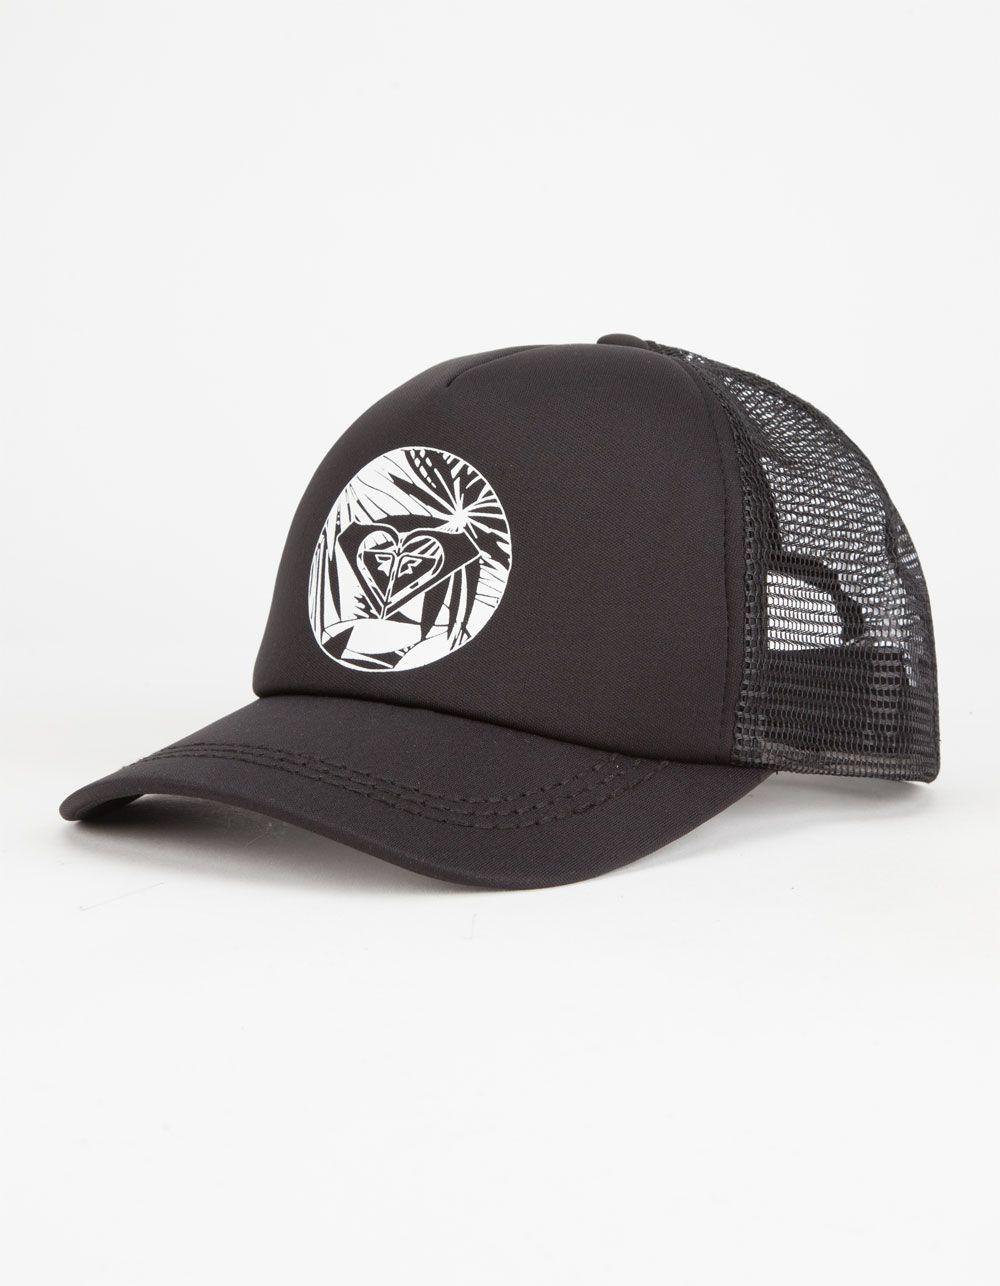 dc51e515519 ROXY Trucking Womens Trucker Hat